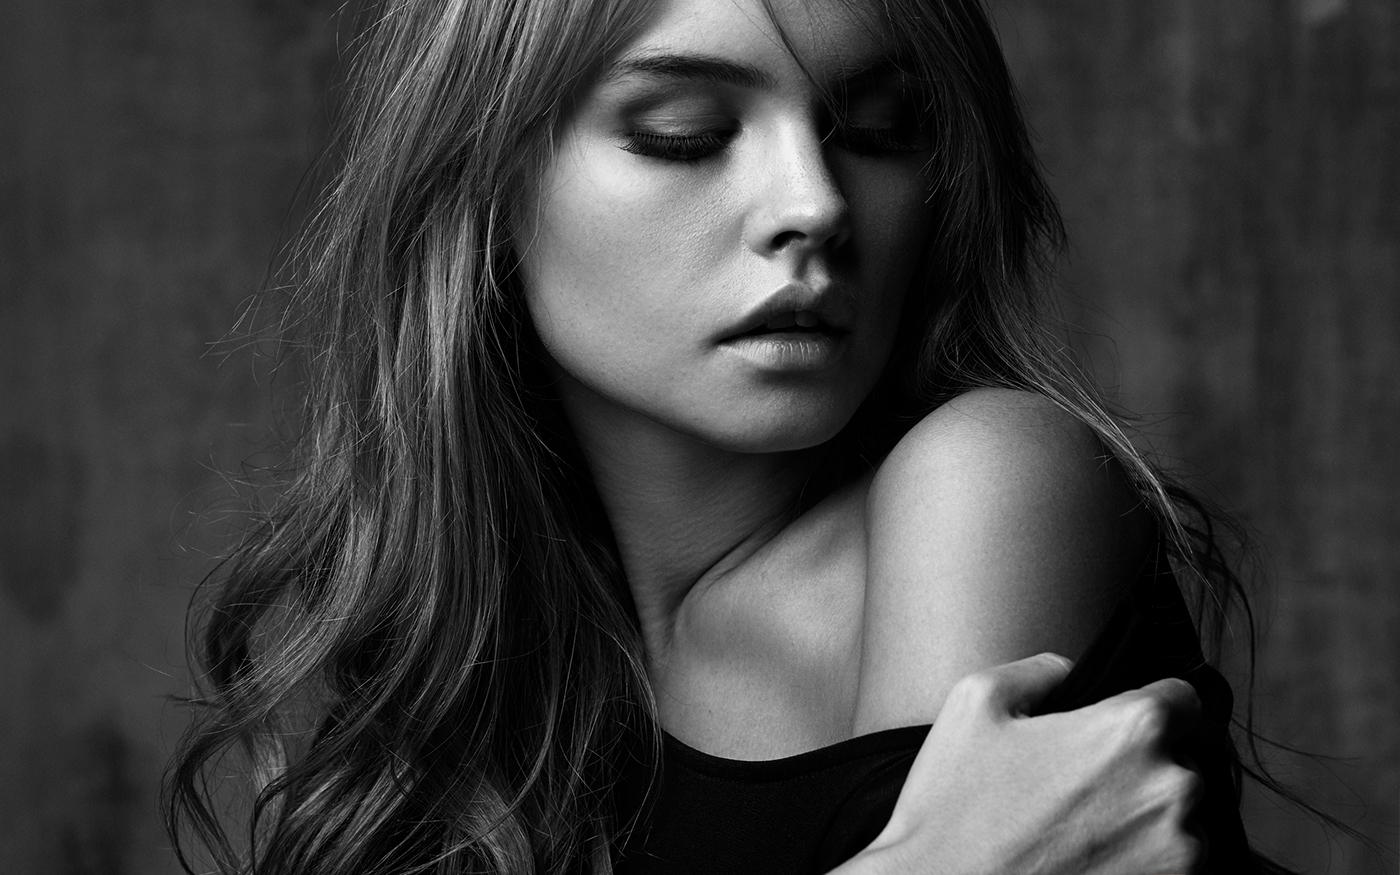 обратном красивые черно белые фотографии девушек также может включать